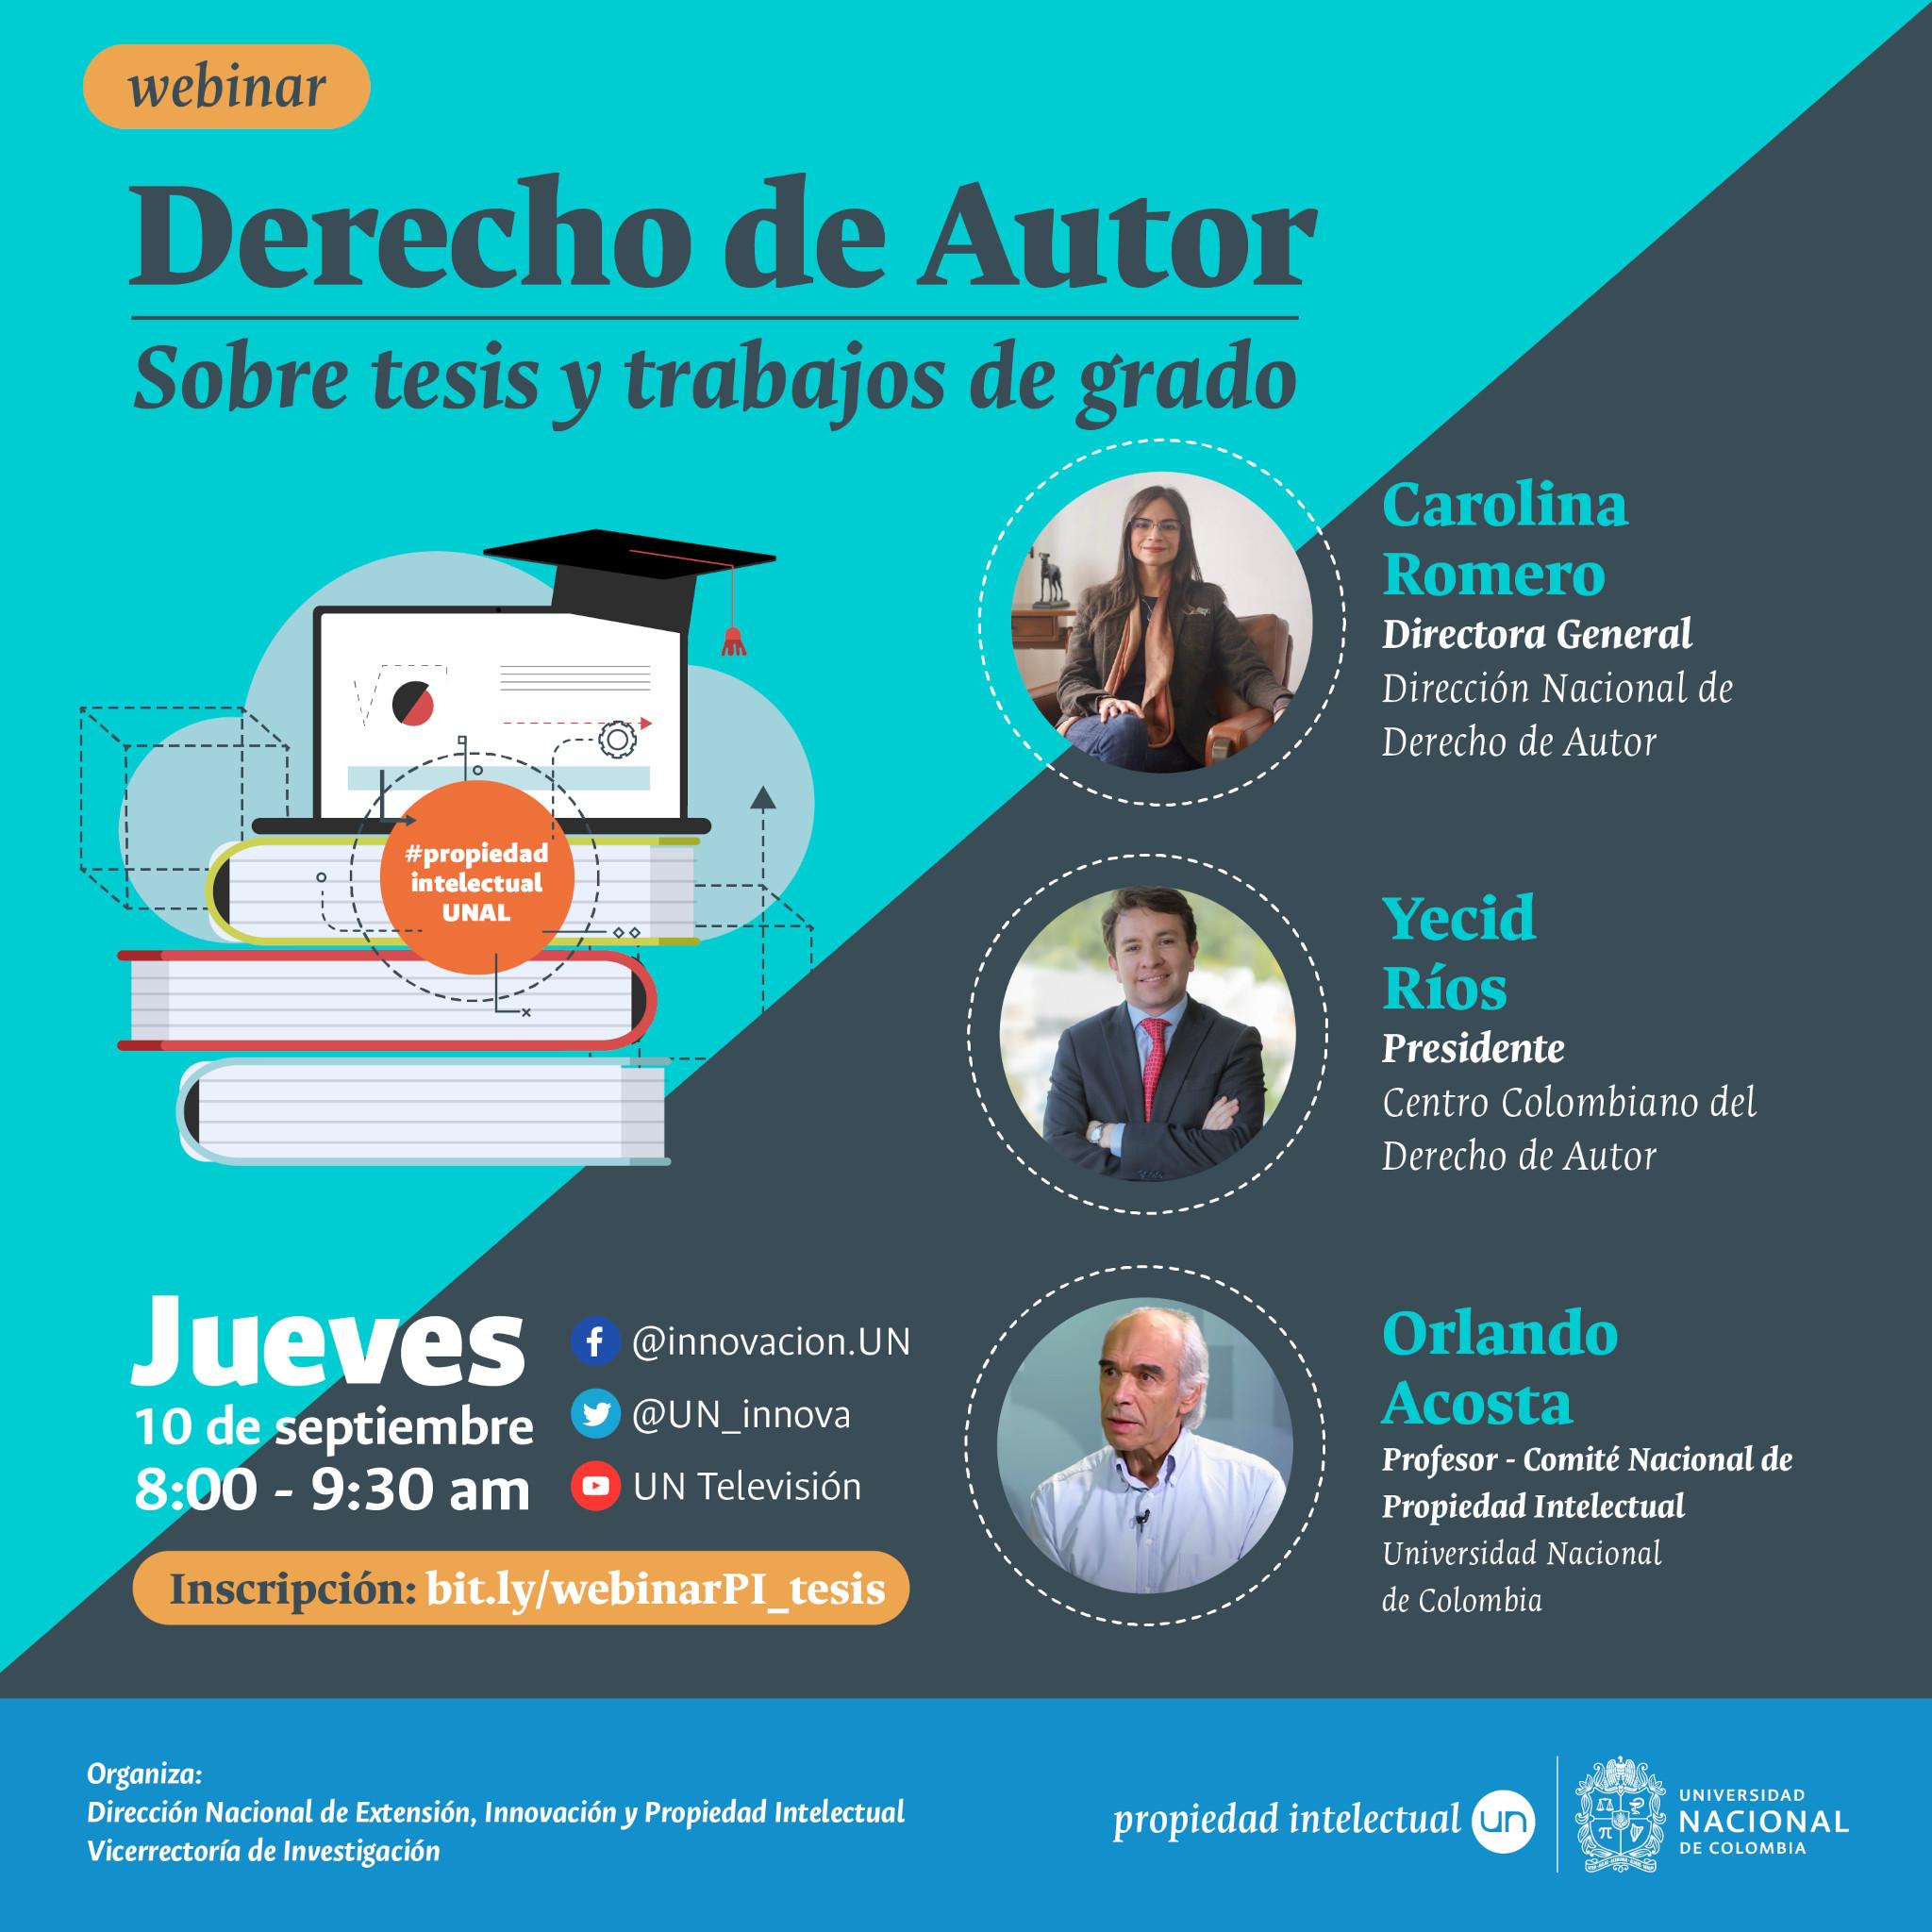 #DerechoAutorUNAL